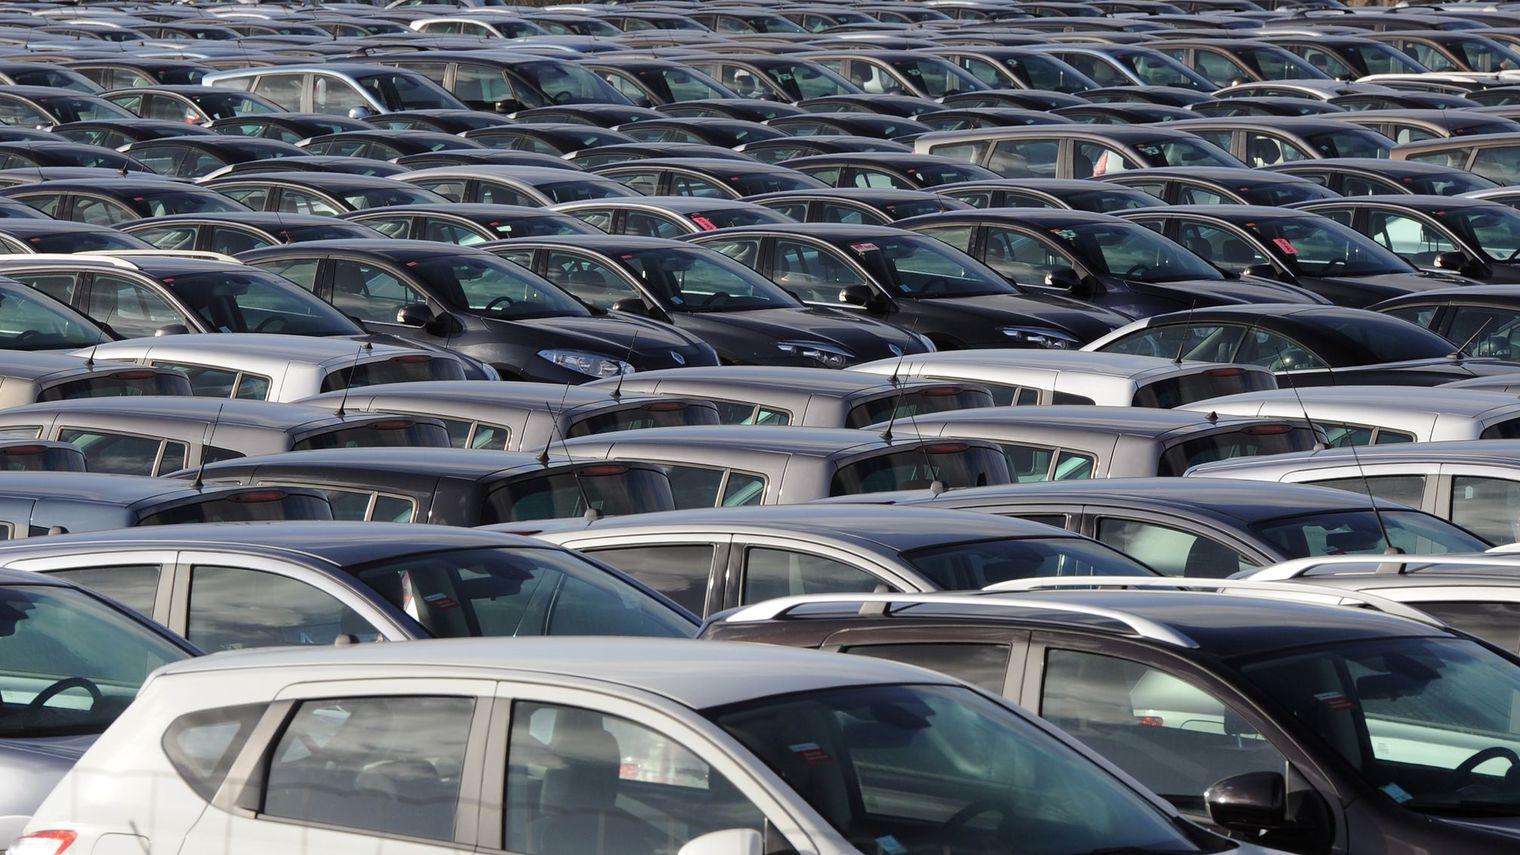 Souscrire à une offre de prêt auto